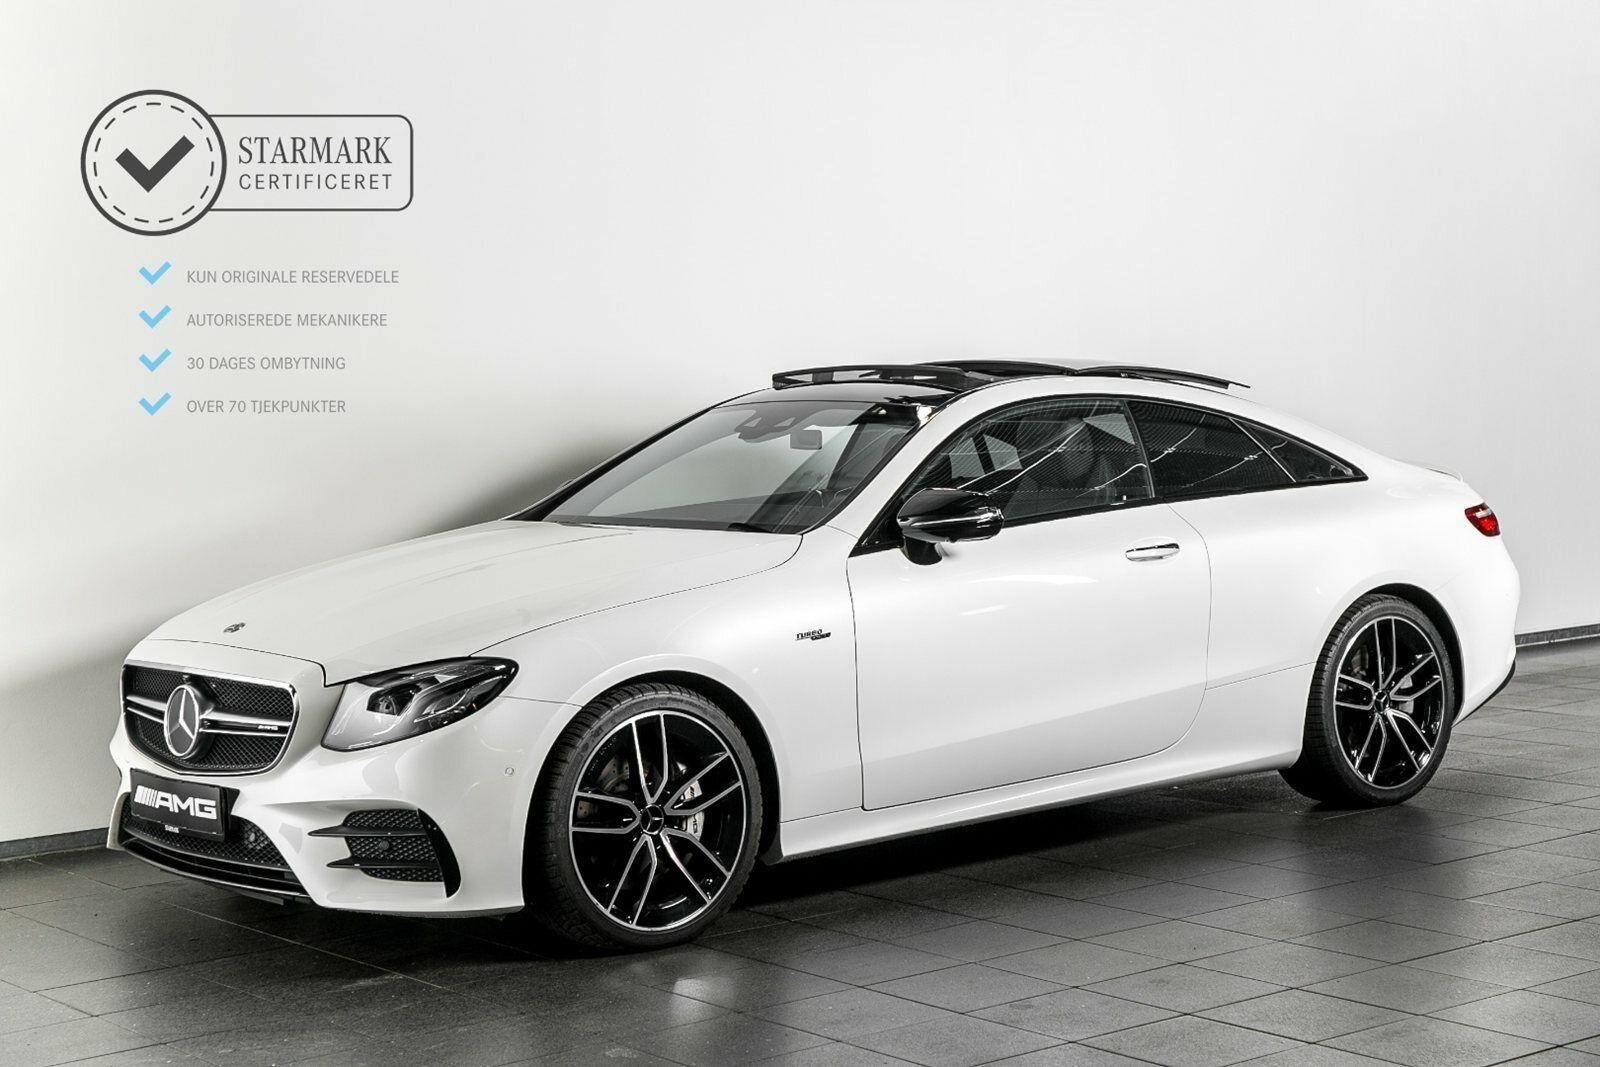 Mercedes E53 3,0 AMG Coupé aut. 4-M+ 2d - 1.249.900 kr.